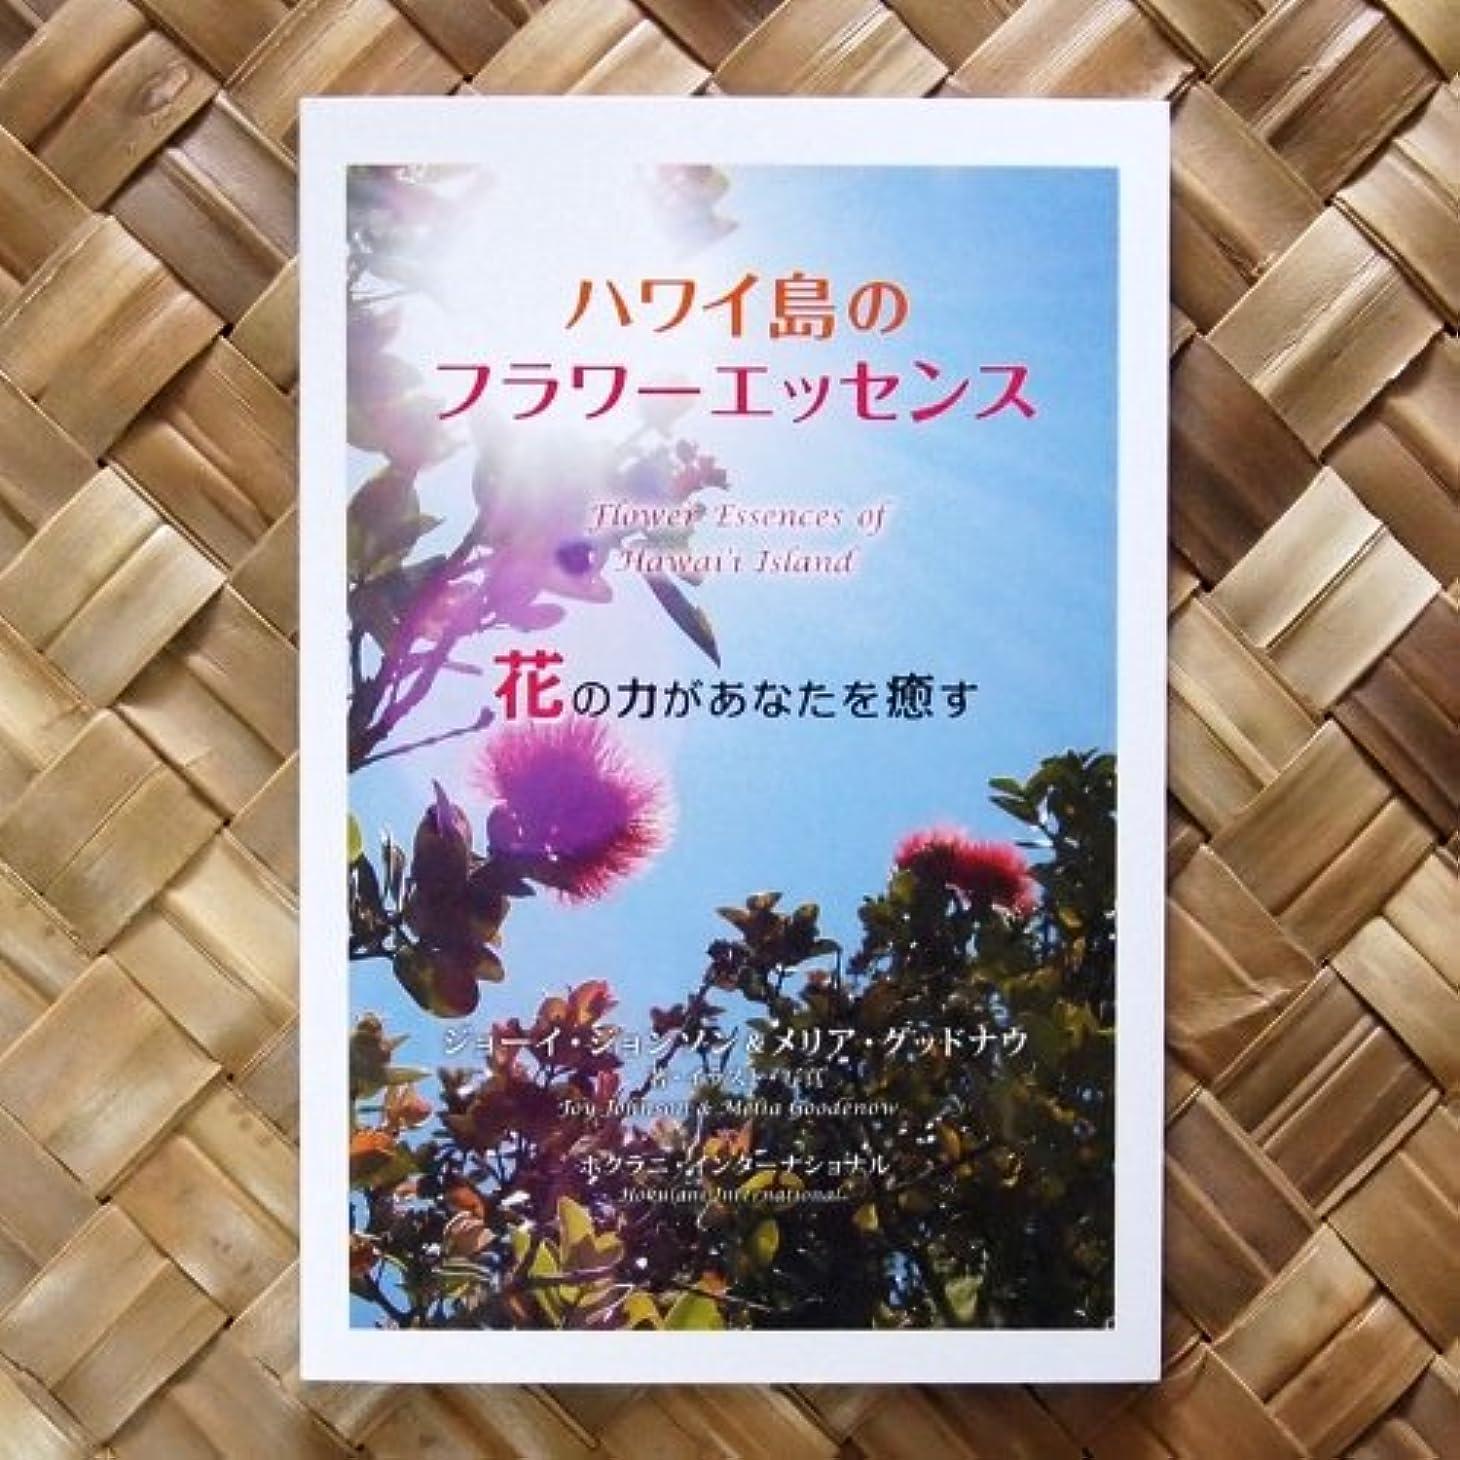 で出来ている花輪フェードハワイ島のフラワーエッセンス 花の力があなたを癒す